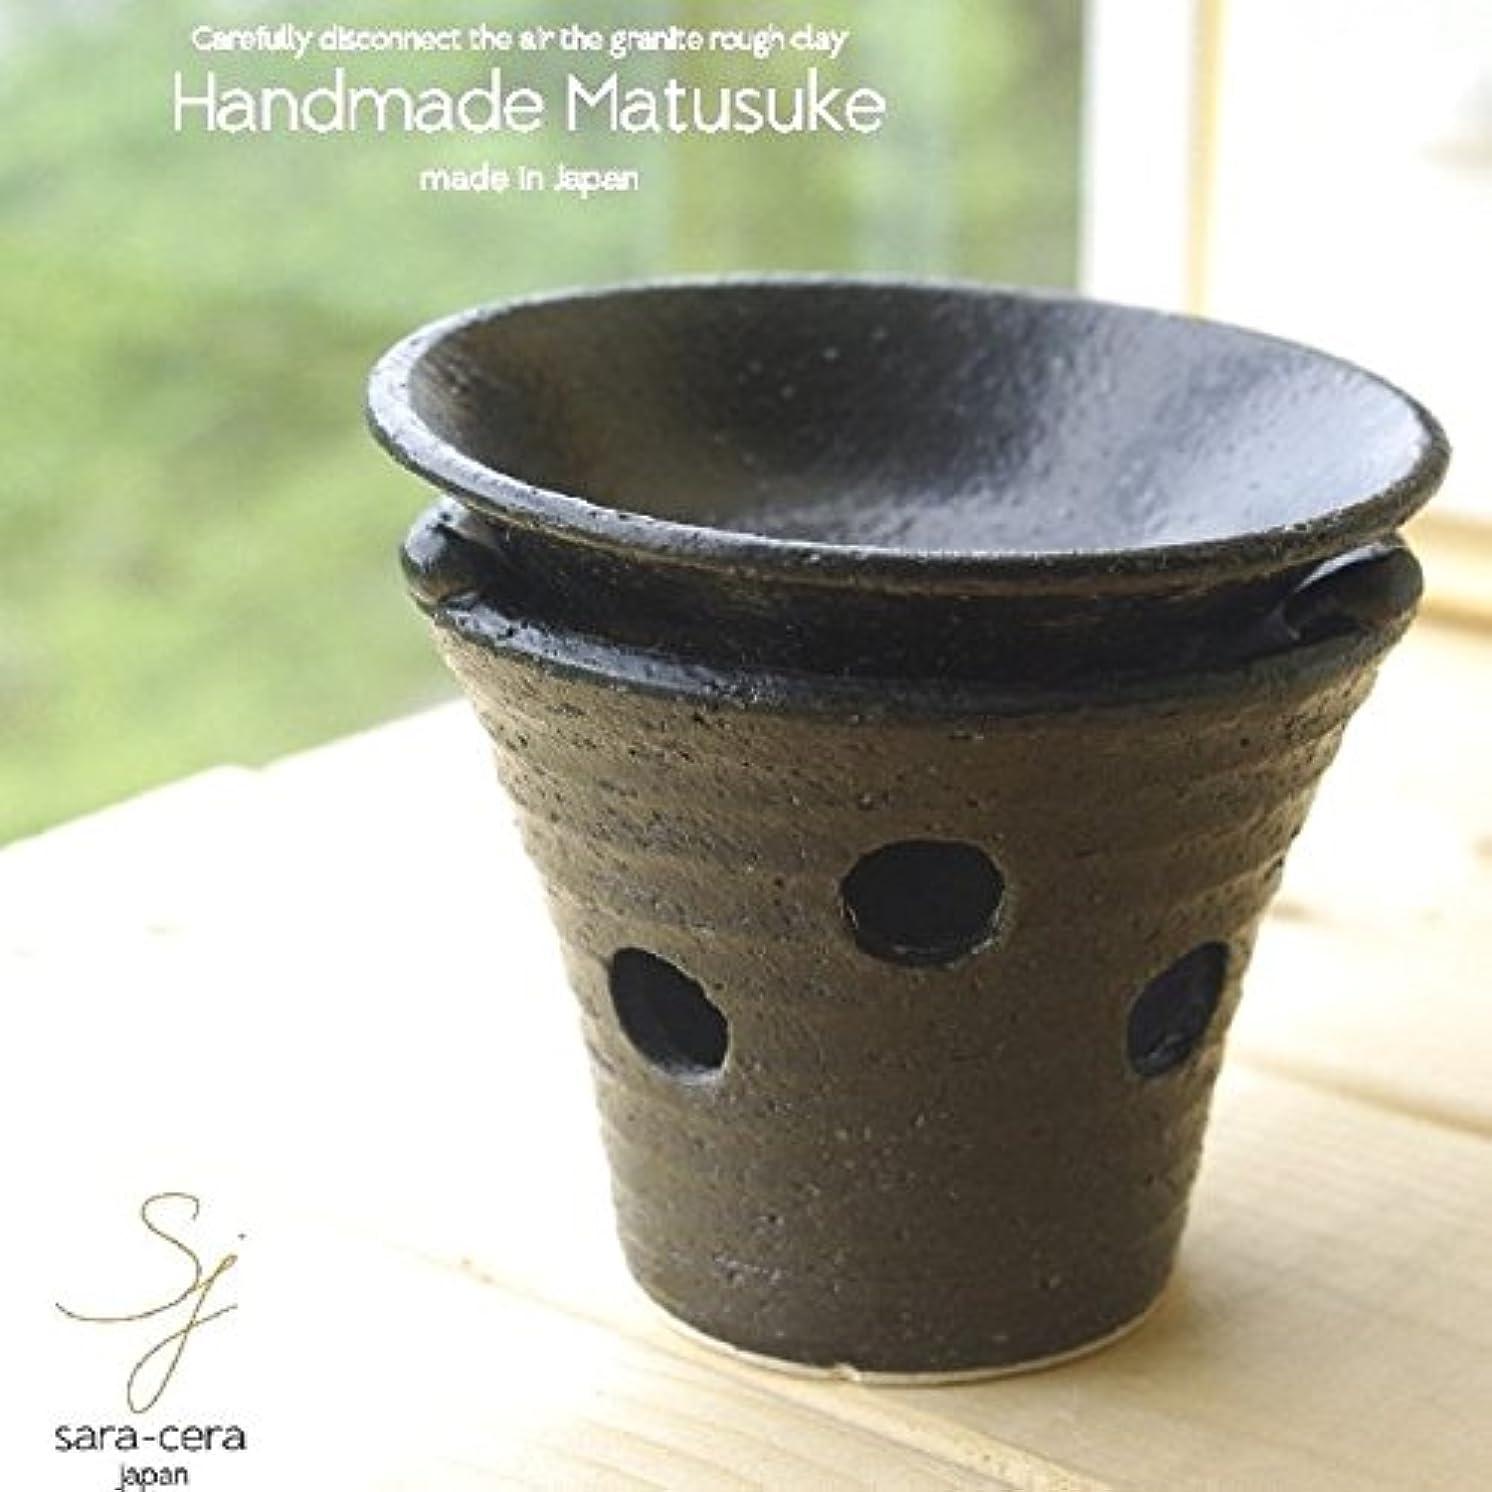 フェミニンワードローブ以下松助窯 手作り茶香炉セット 黒釉 ブラック アロマ 和食器 リビング